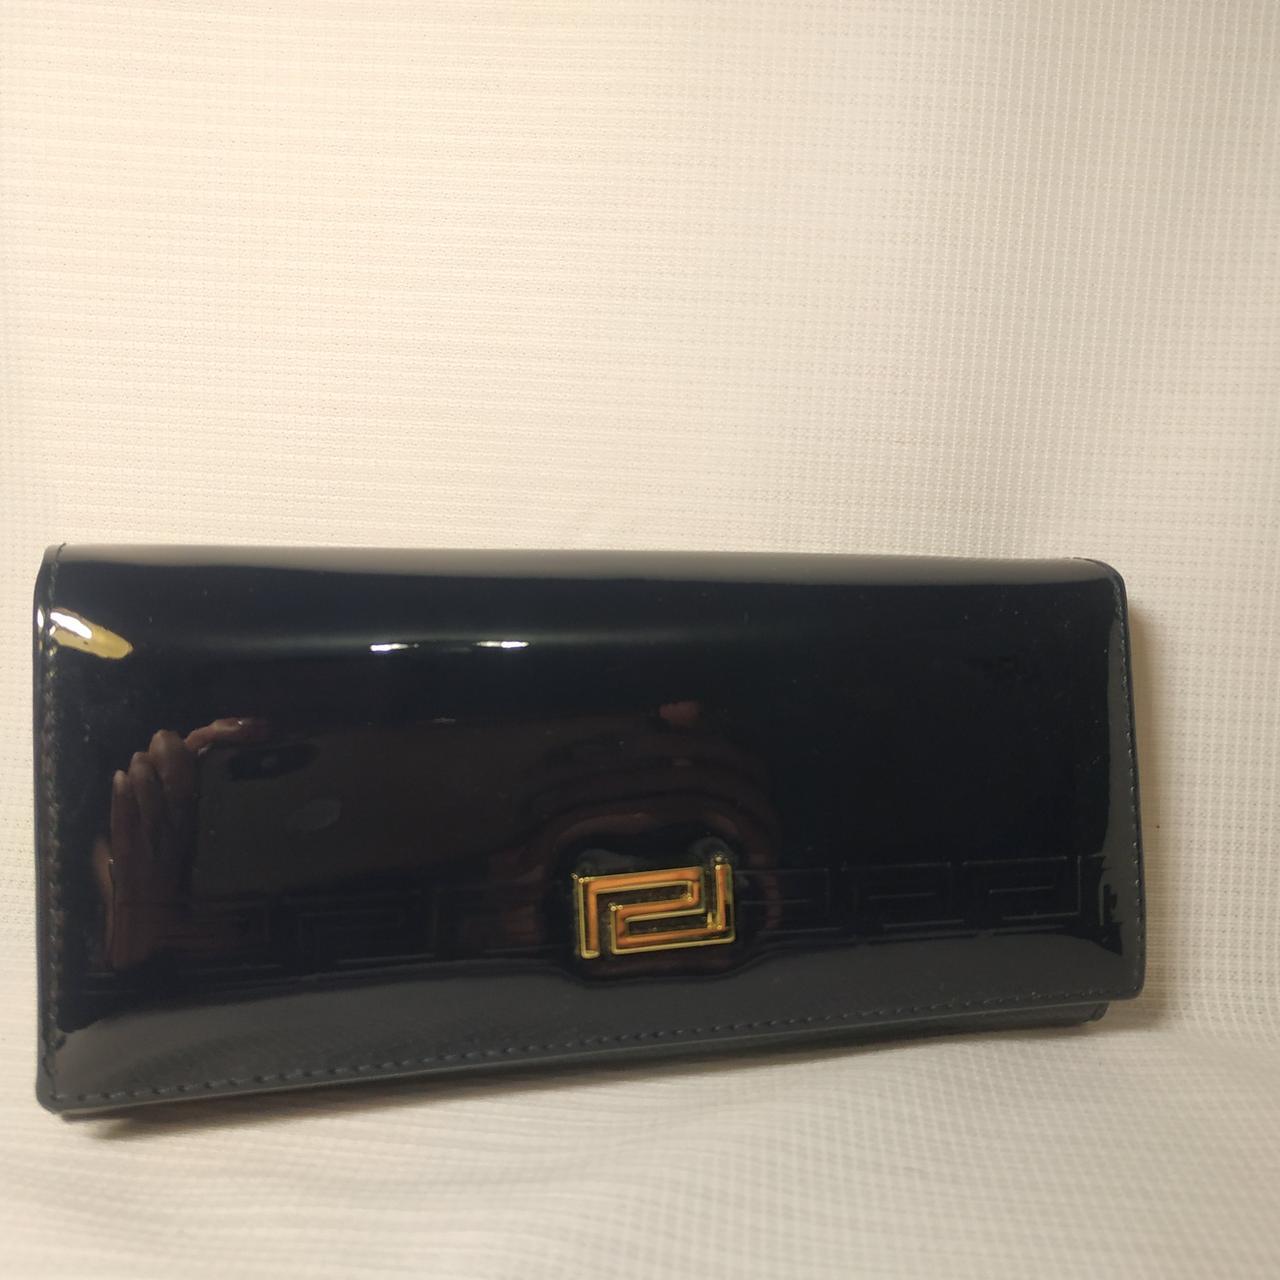 Класичний жіночий гаманець / Классический женский кошелек